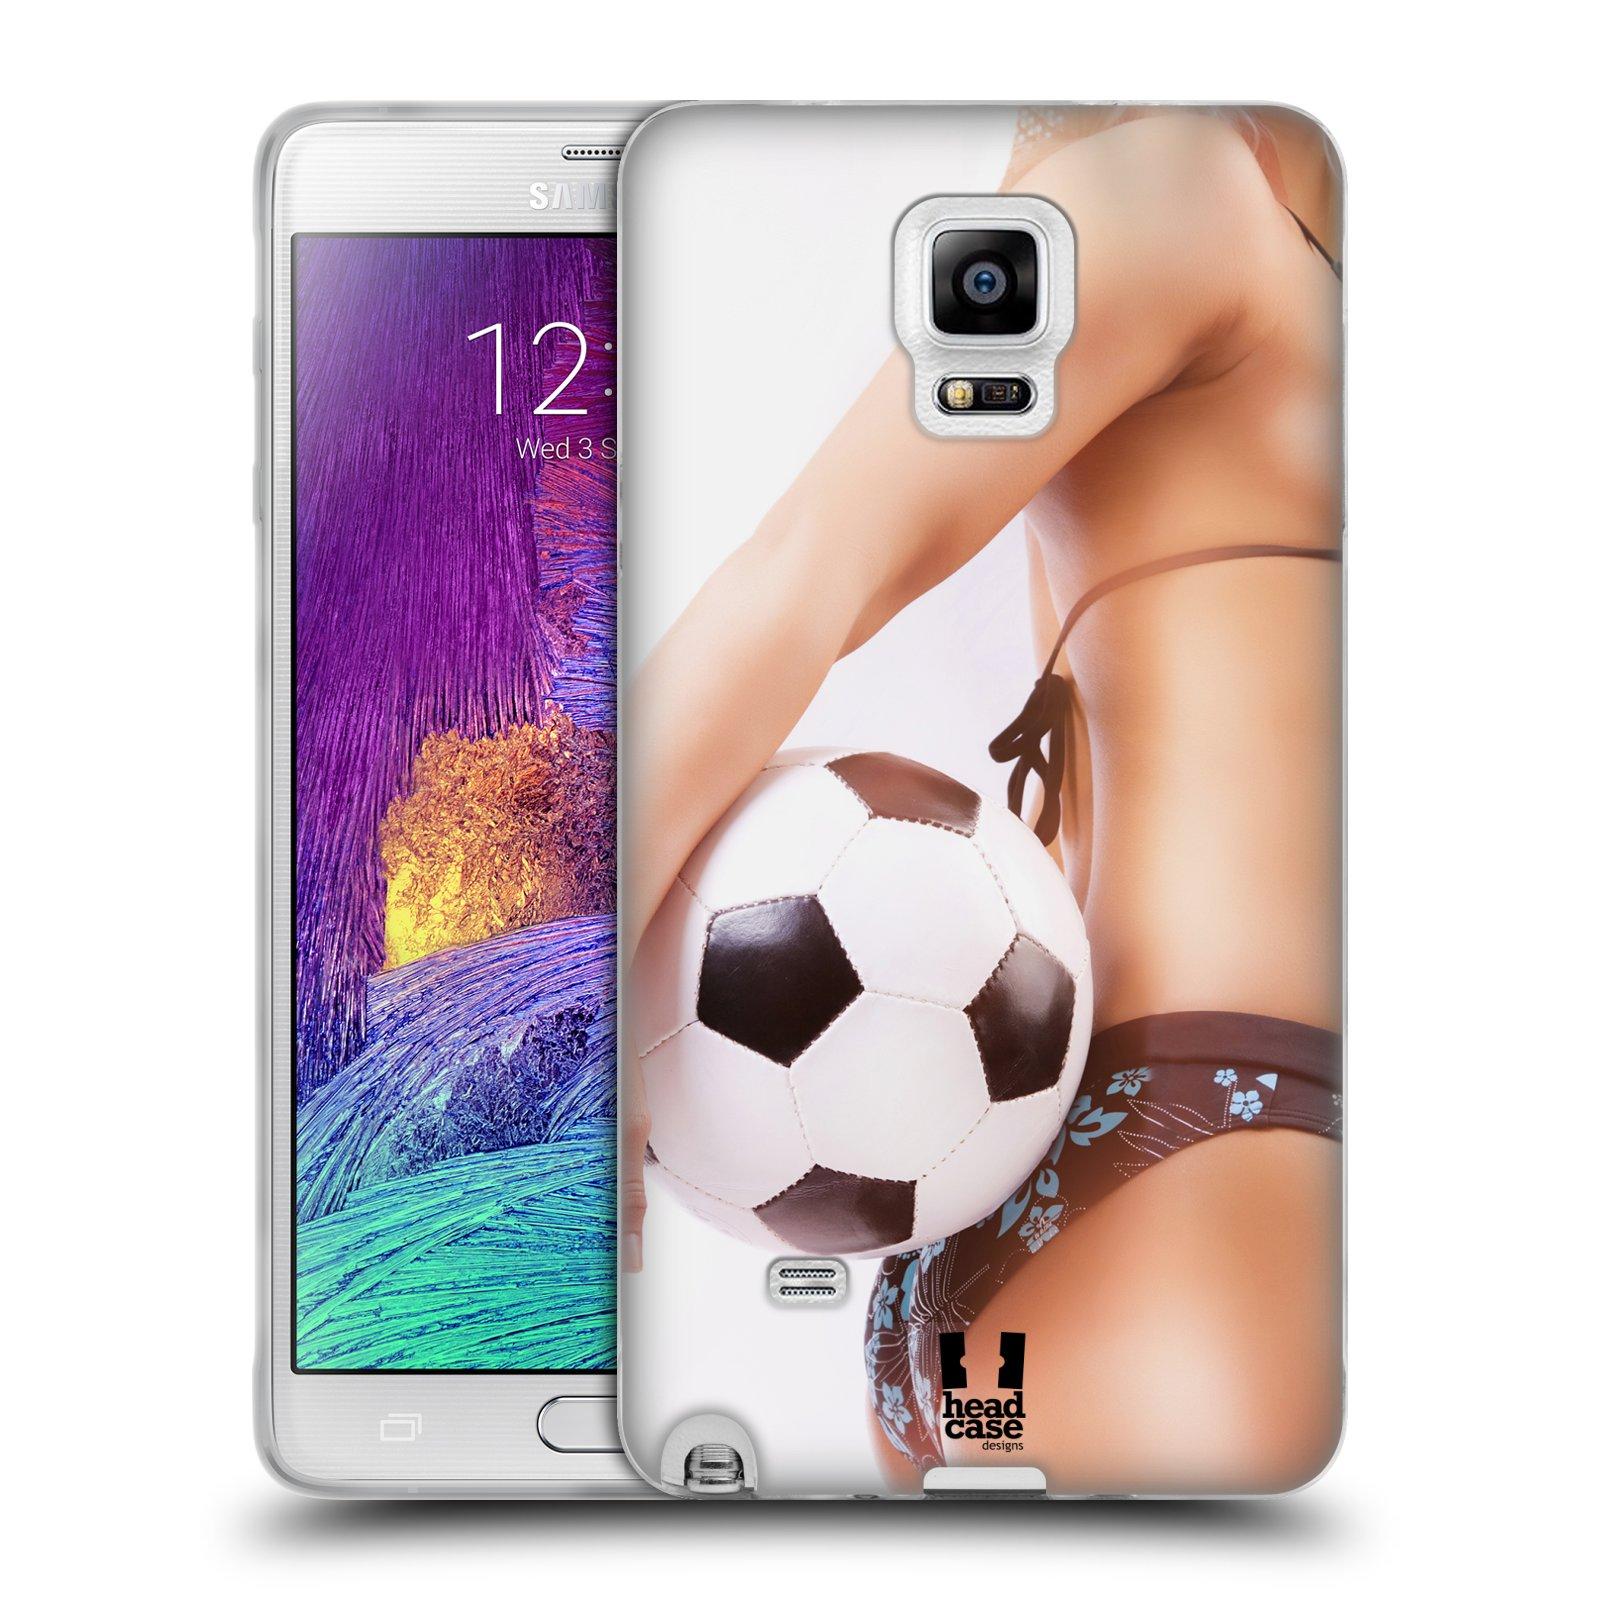 HEAD CASE silikonový obal na mobil Samsung Galaxy Note 4 (N910) vzor Fotbalové modelky KOPACÍ MÍČ